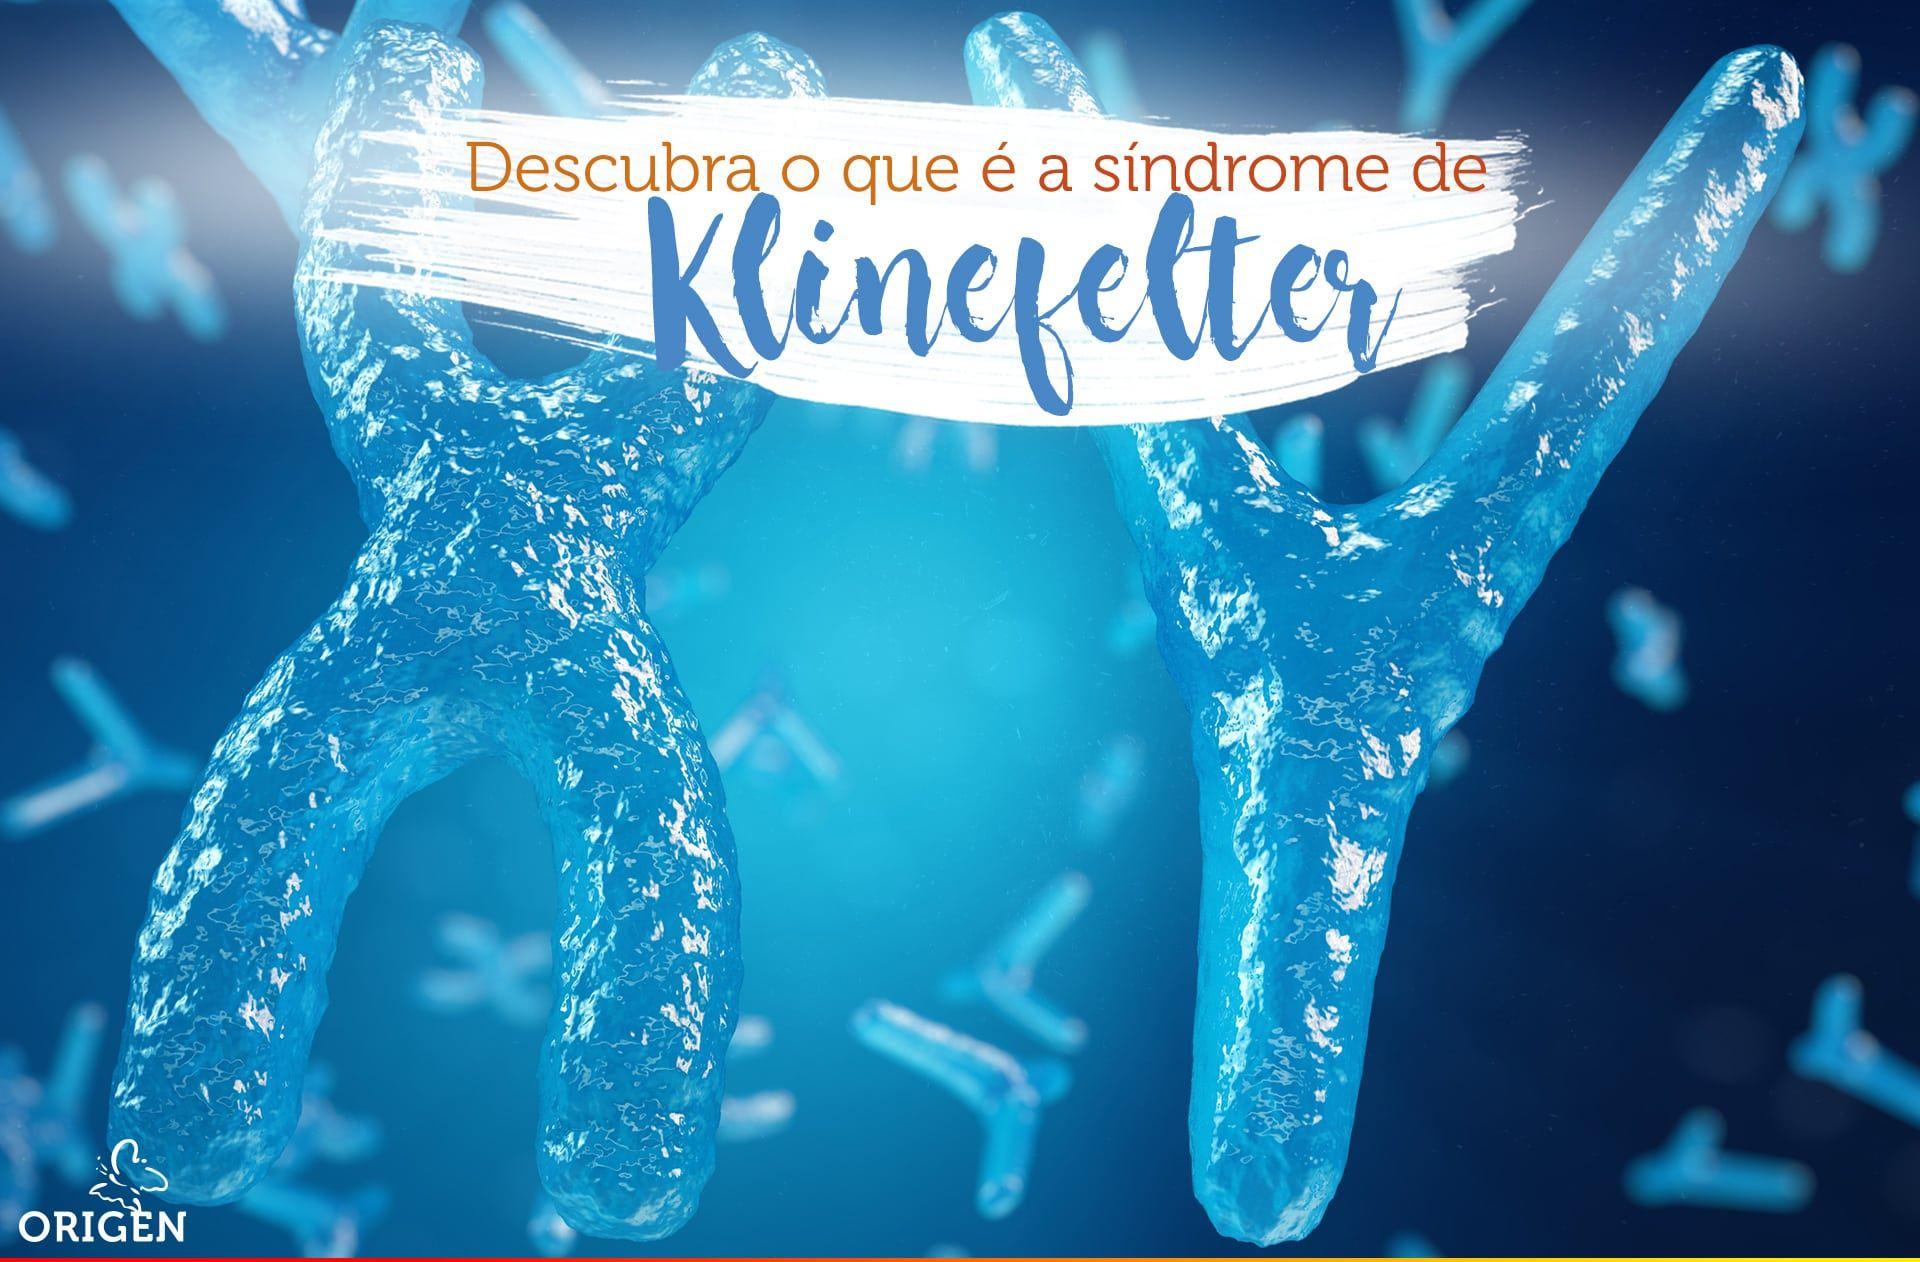 Descubra o que é a síndrome de Klinefelter